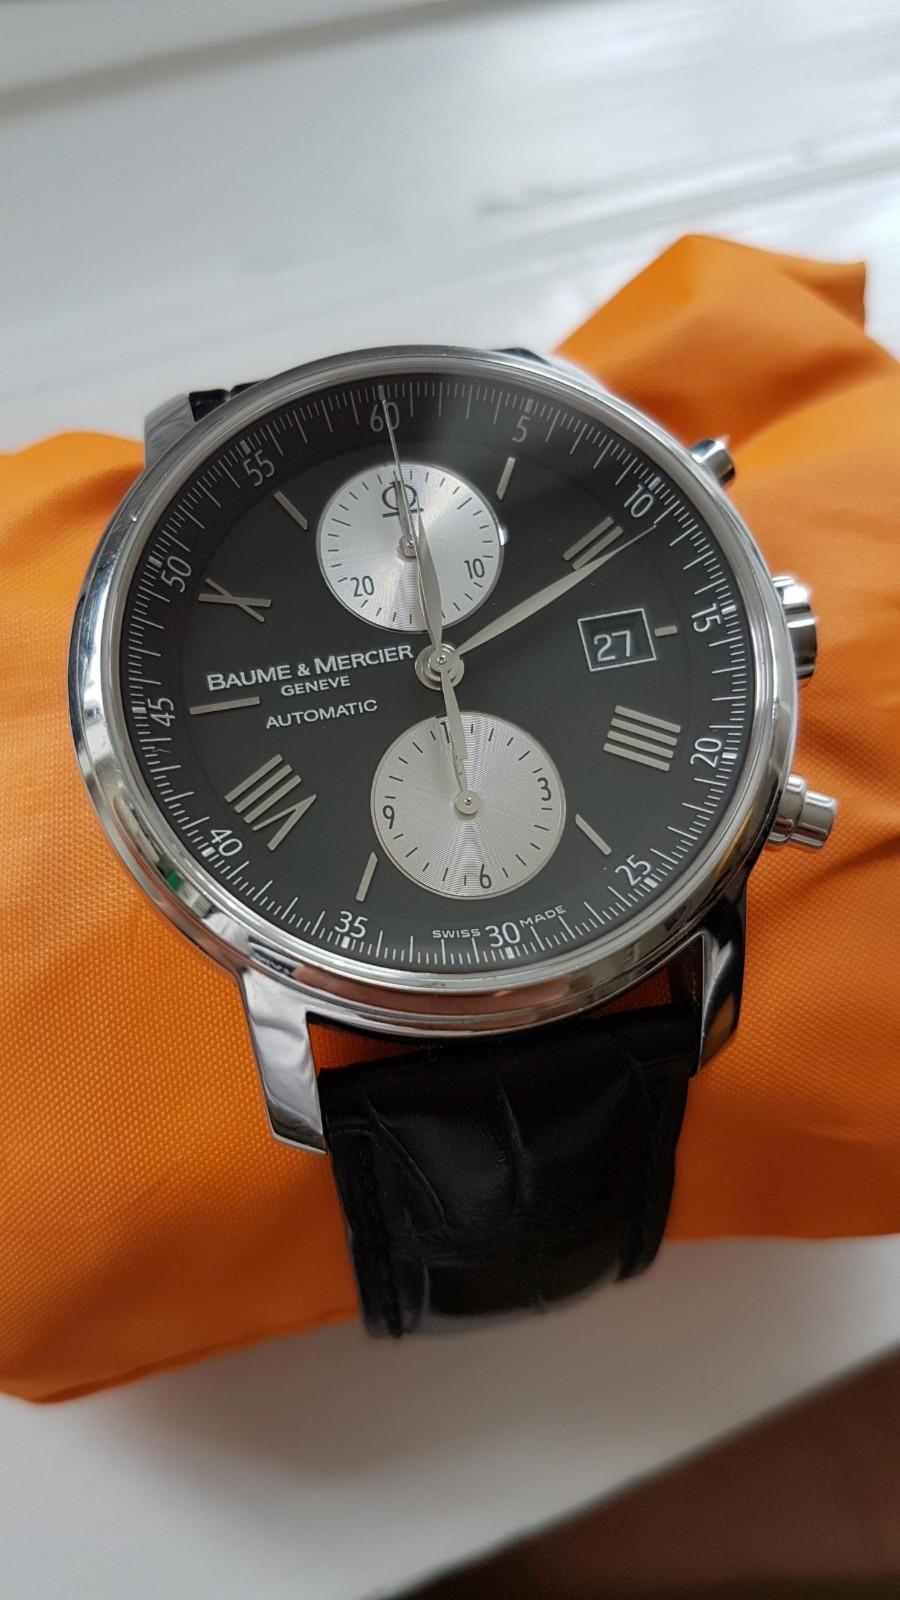 Baume et Mercier Classima XL Chronographe - Oslo  - Etter min mening en av de fineste klokkene til Baume & Mercier.  Noen riper i kasse som er ubetydelige. Reima er i god stand og glasset er helt fint. Åpen for bud og bytte i annen klokke ev. mellomlegg.   Uten boks og papir - Oslo